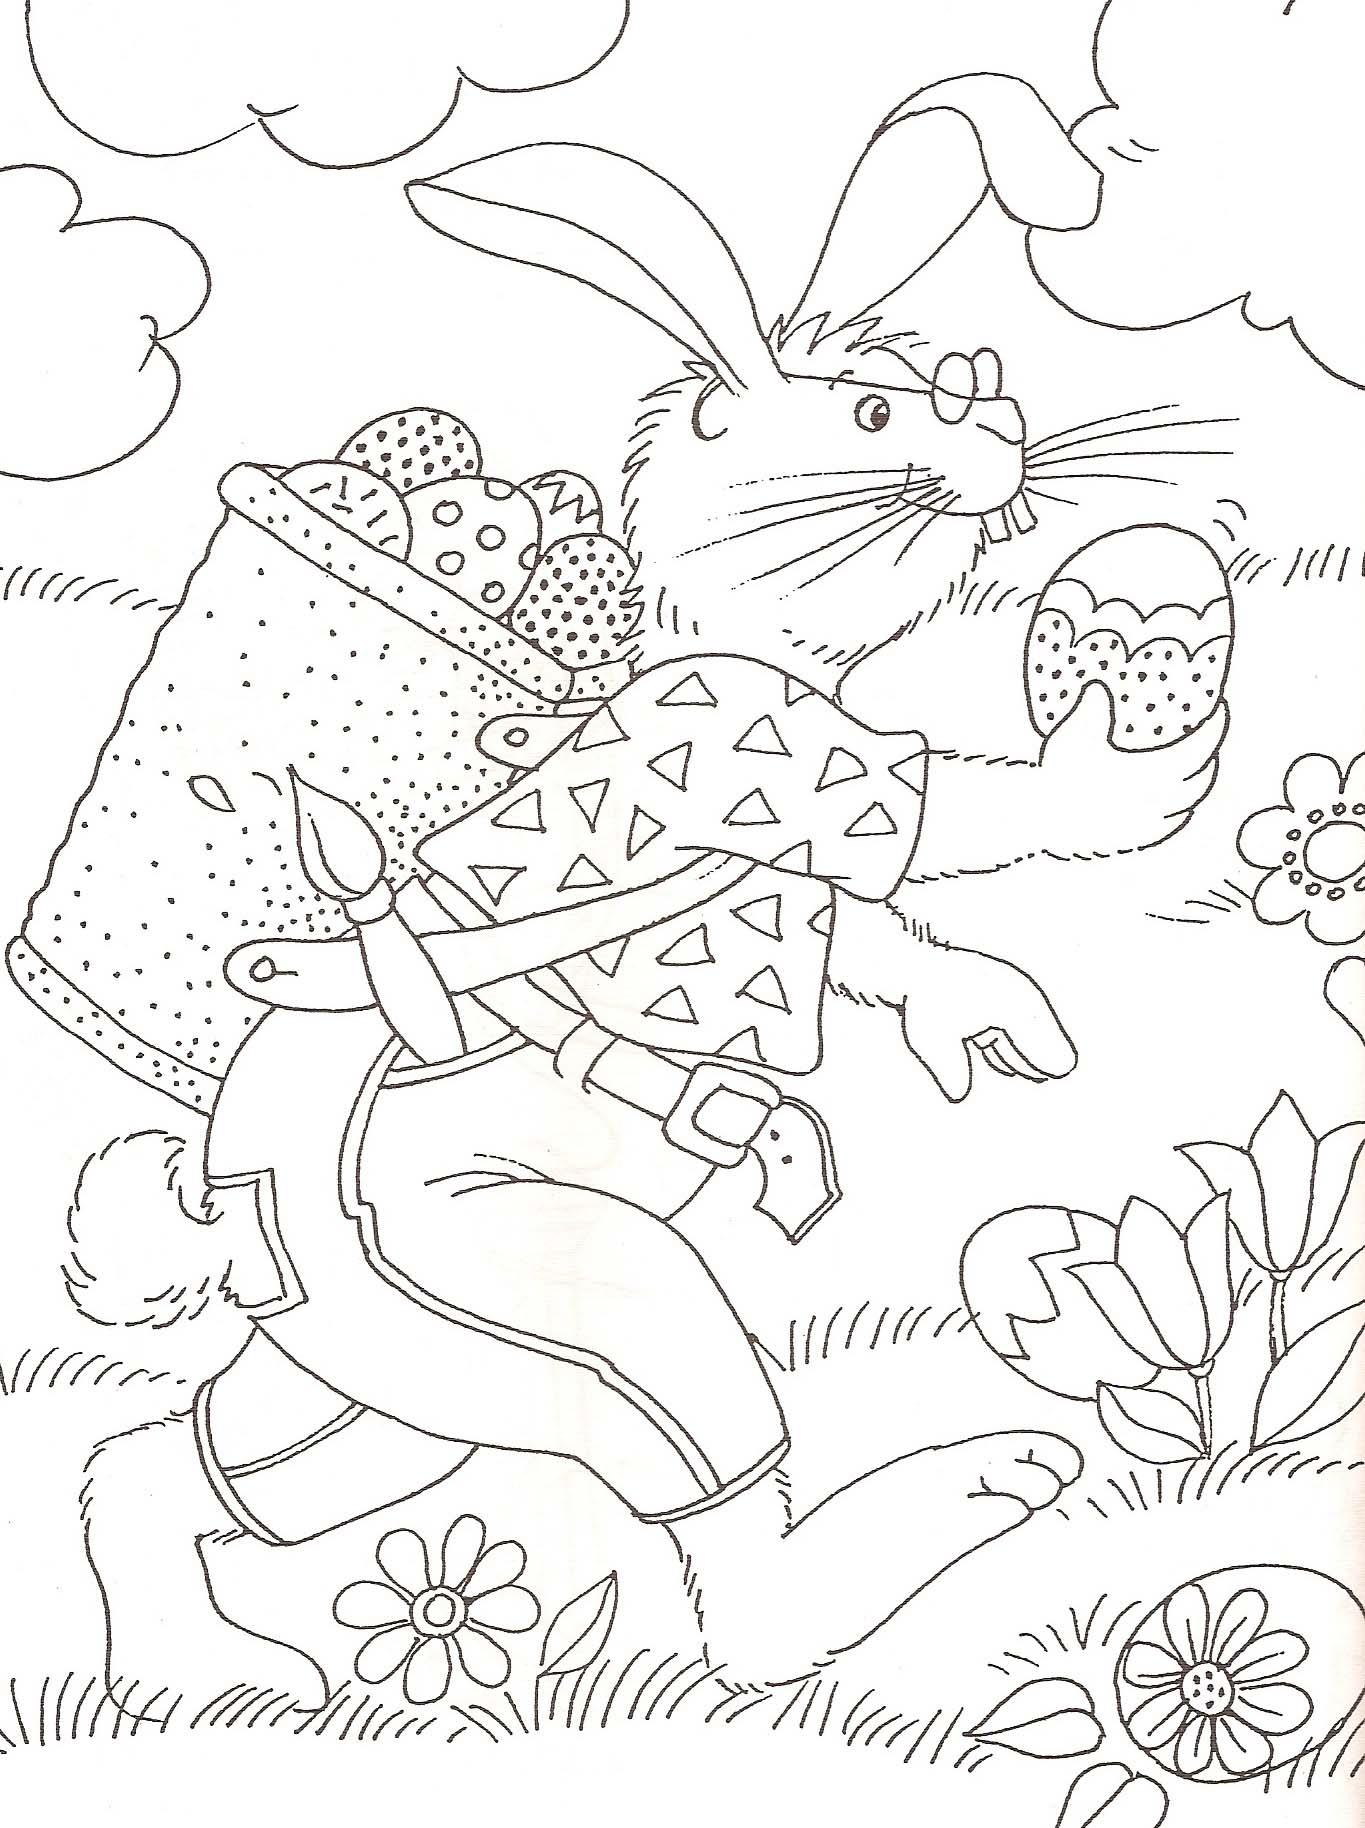 Meilleur de dessin a colorier oeuf paques - Coloriage lapin fleur ...